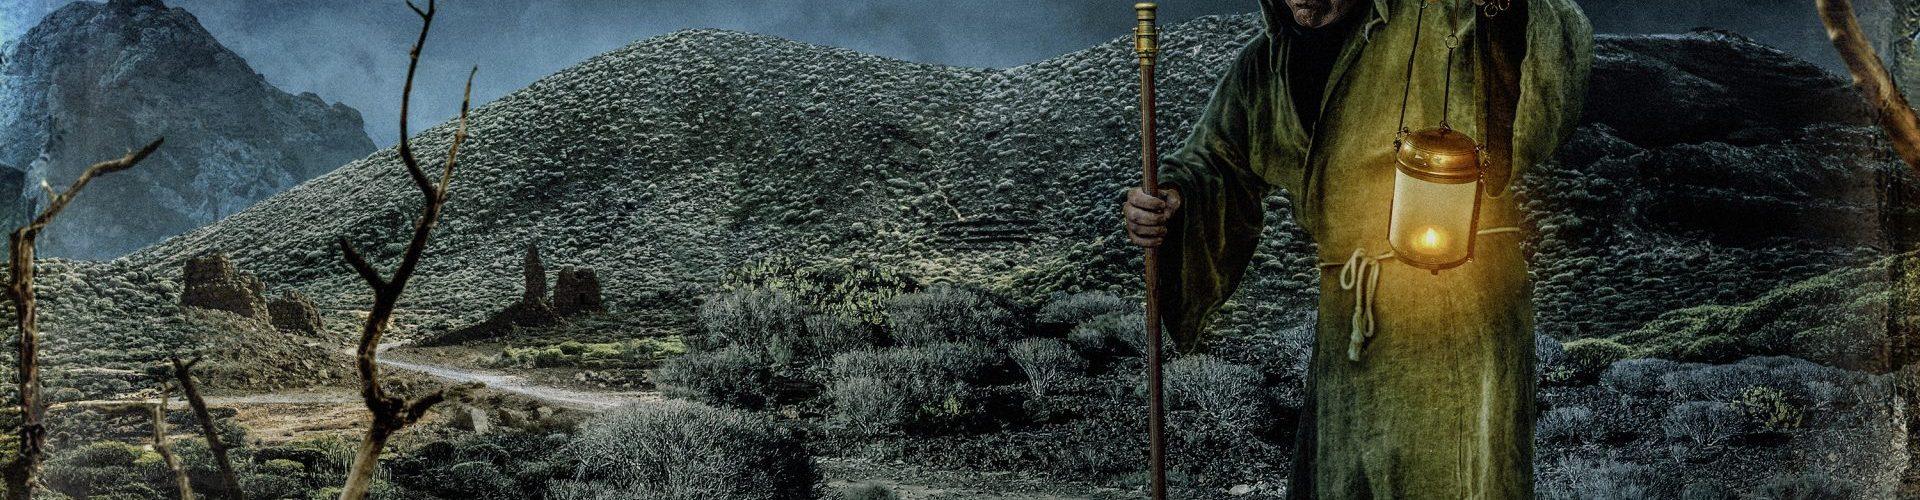 Prog-Rock-Review: Neal Morse – Sola Gratia